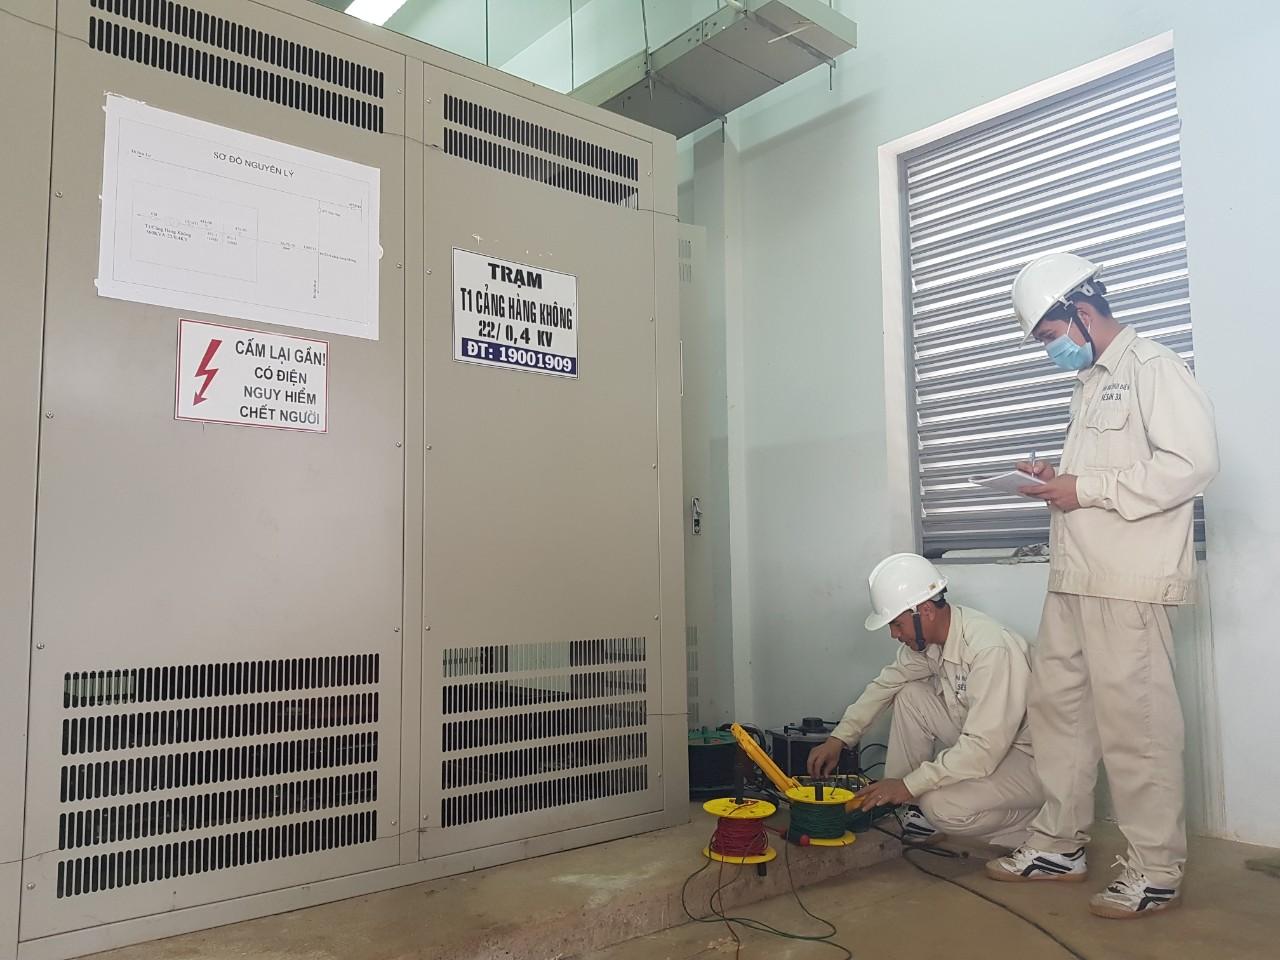 Sê San 3A thực hiện dịch vụ bảo dưỡng, thí nghiệm định kỳ Trạm biến áp Cảng Hàng Không Pleiku